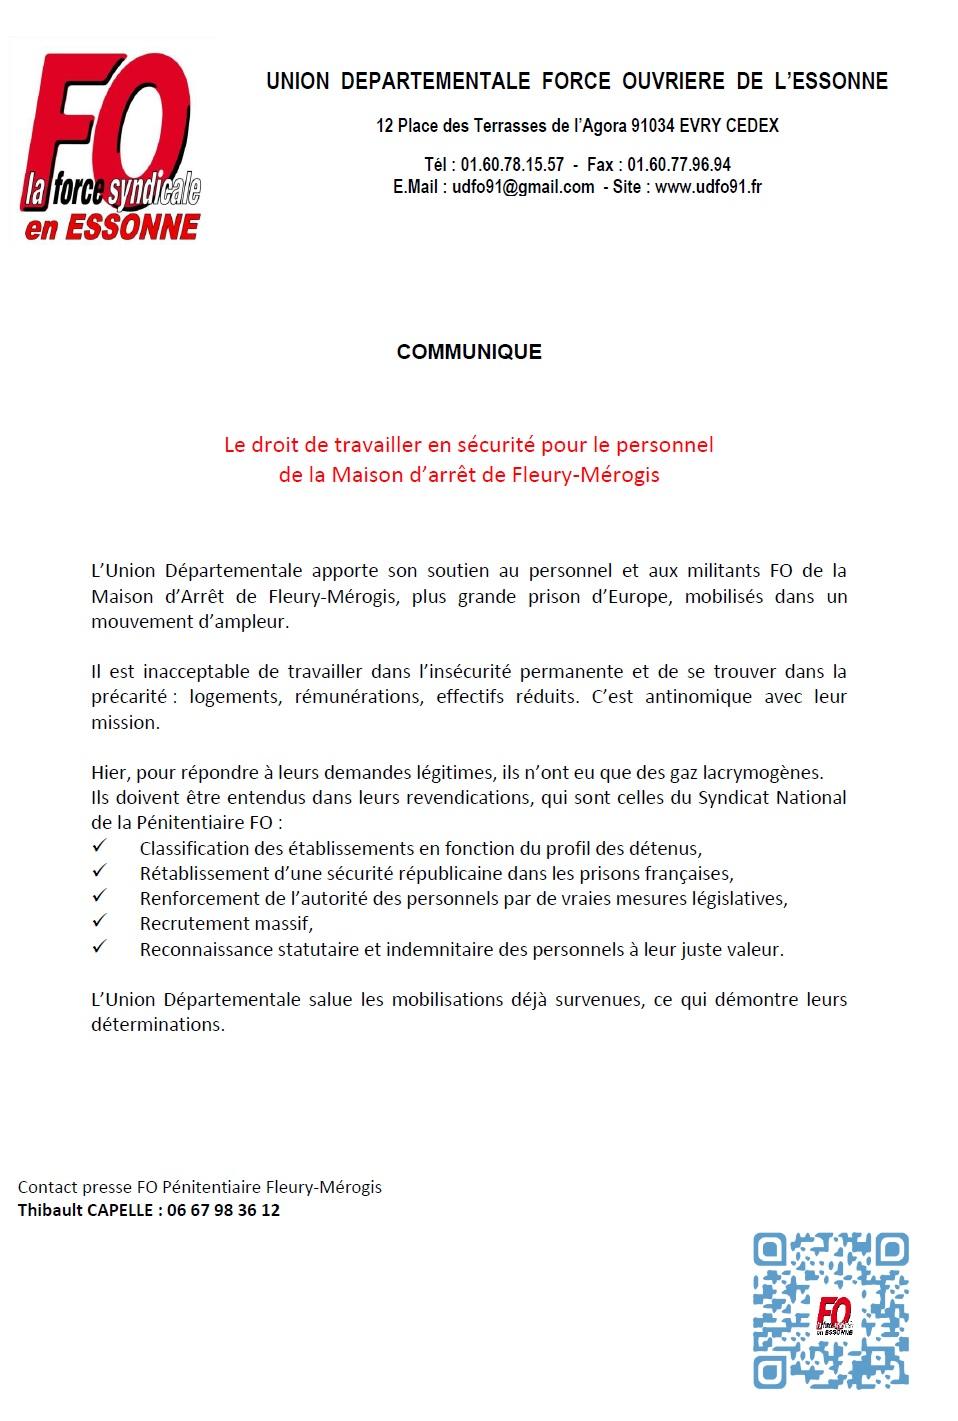 Image of Le droit de travailler en sécurité pour le personnel de la Maison d'arrêt de Fleury-Mérogis